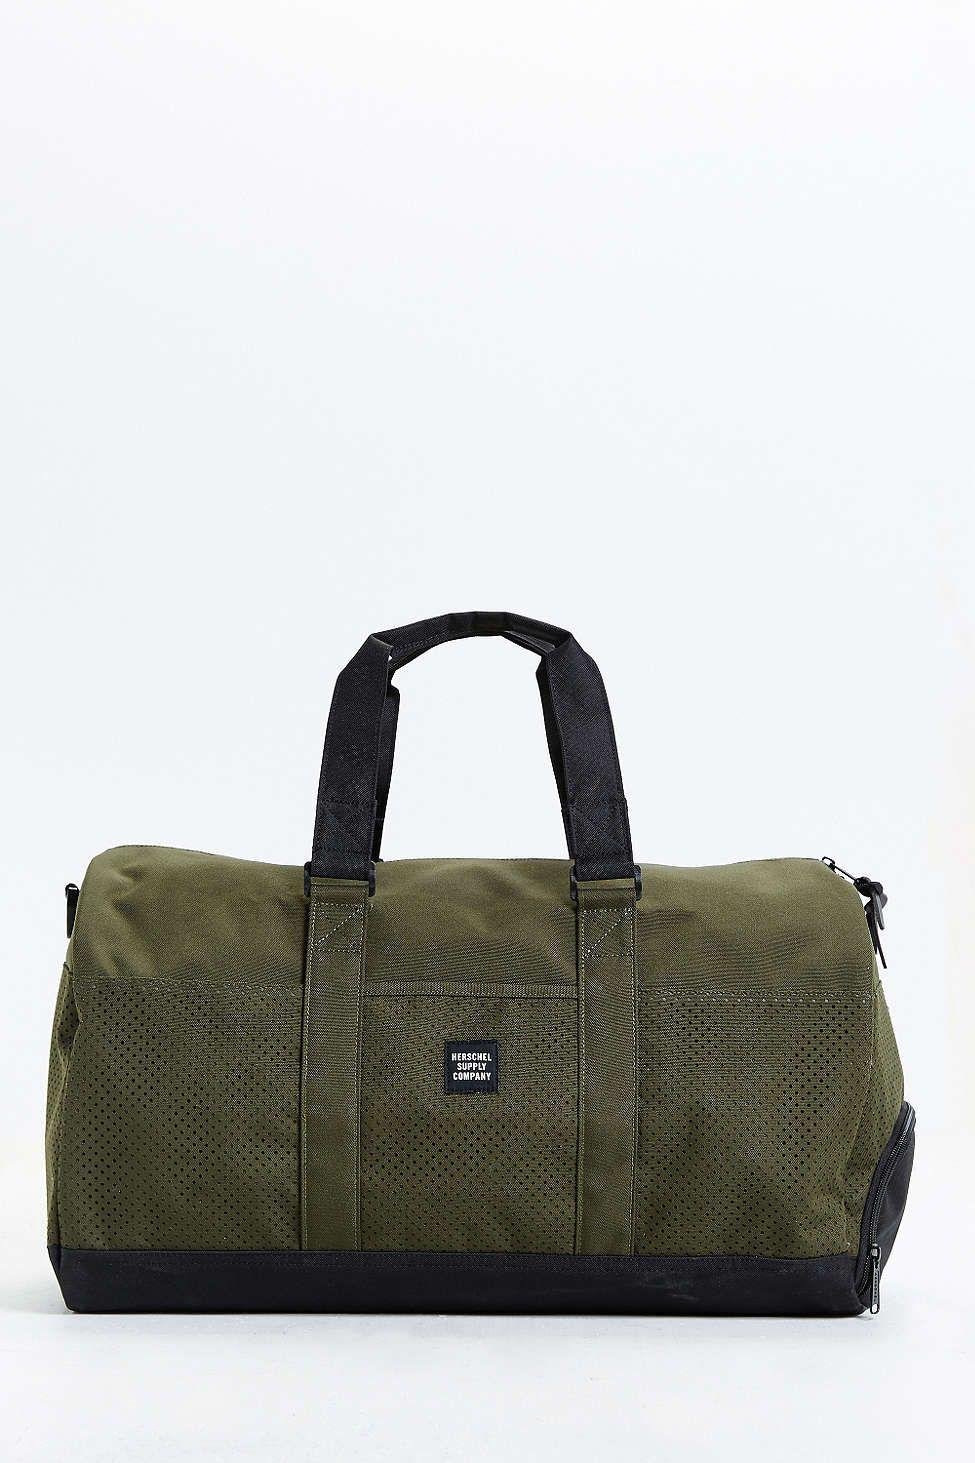 b8ee54916846 Herschel Supply Co. Aspect Novel Weekender Duffel Bag